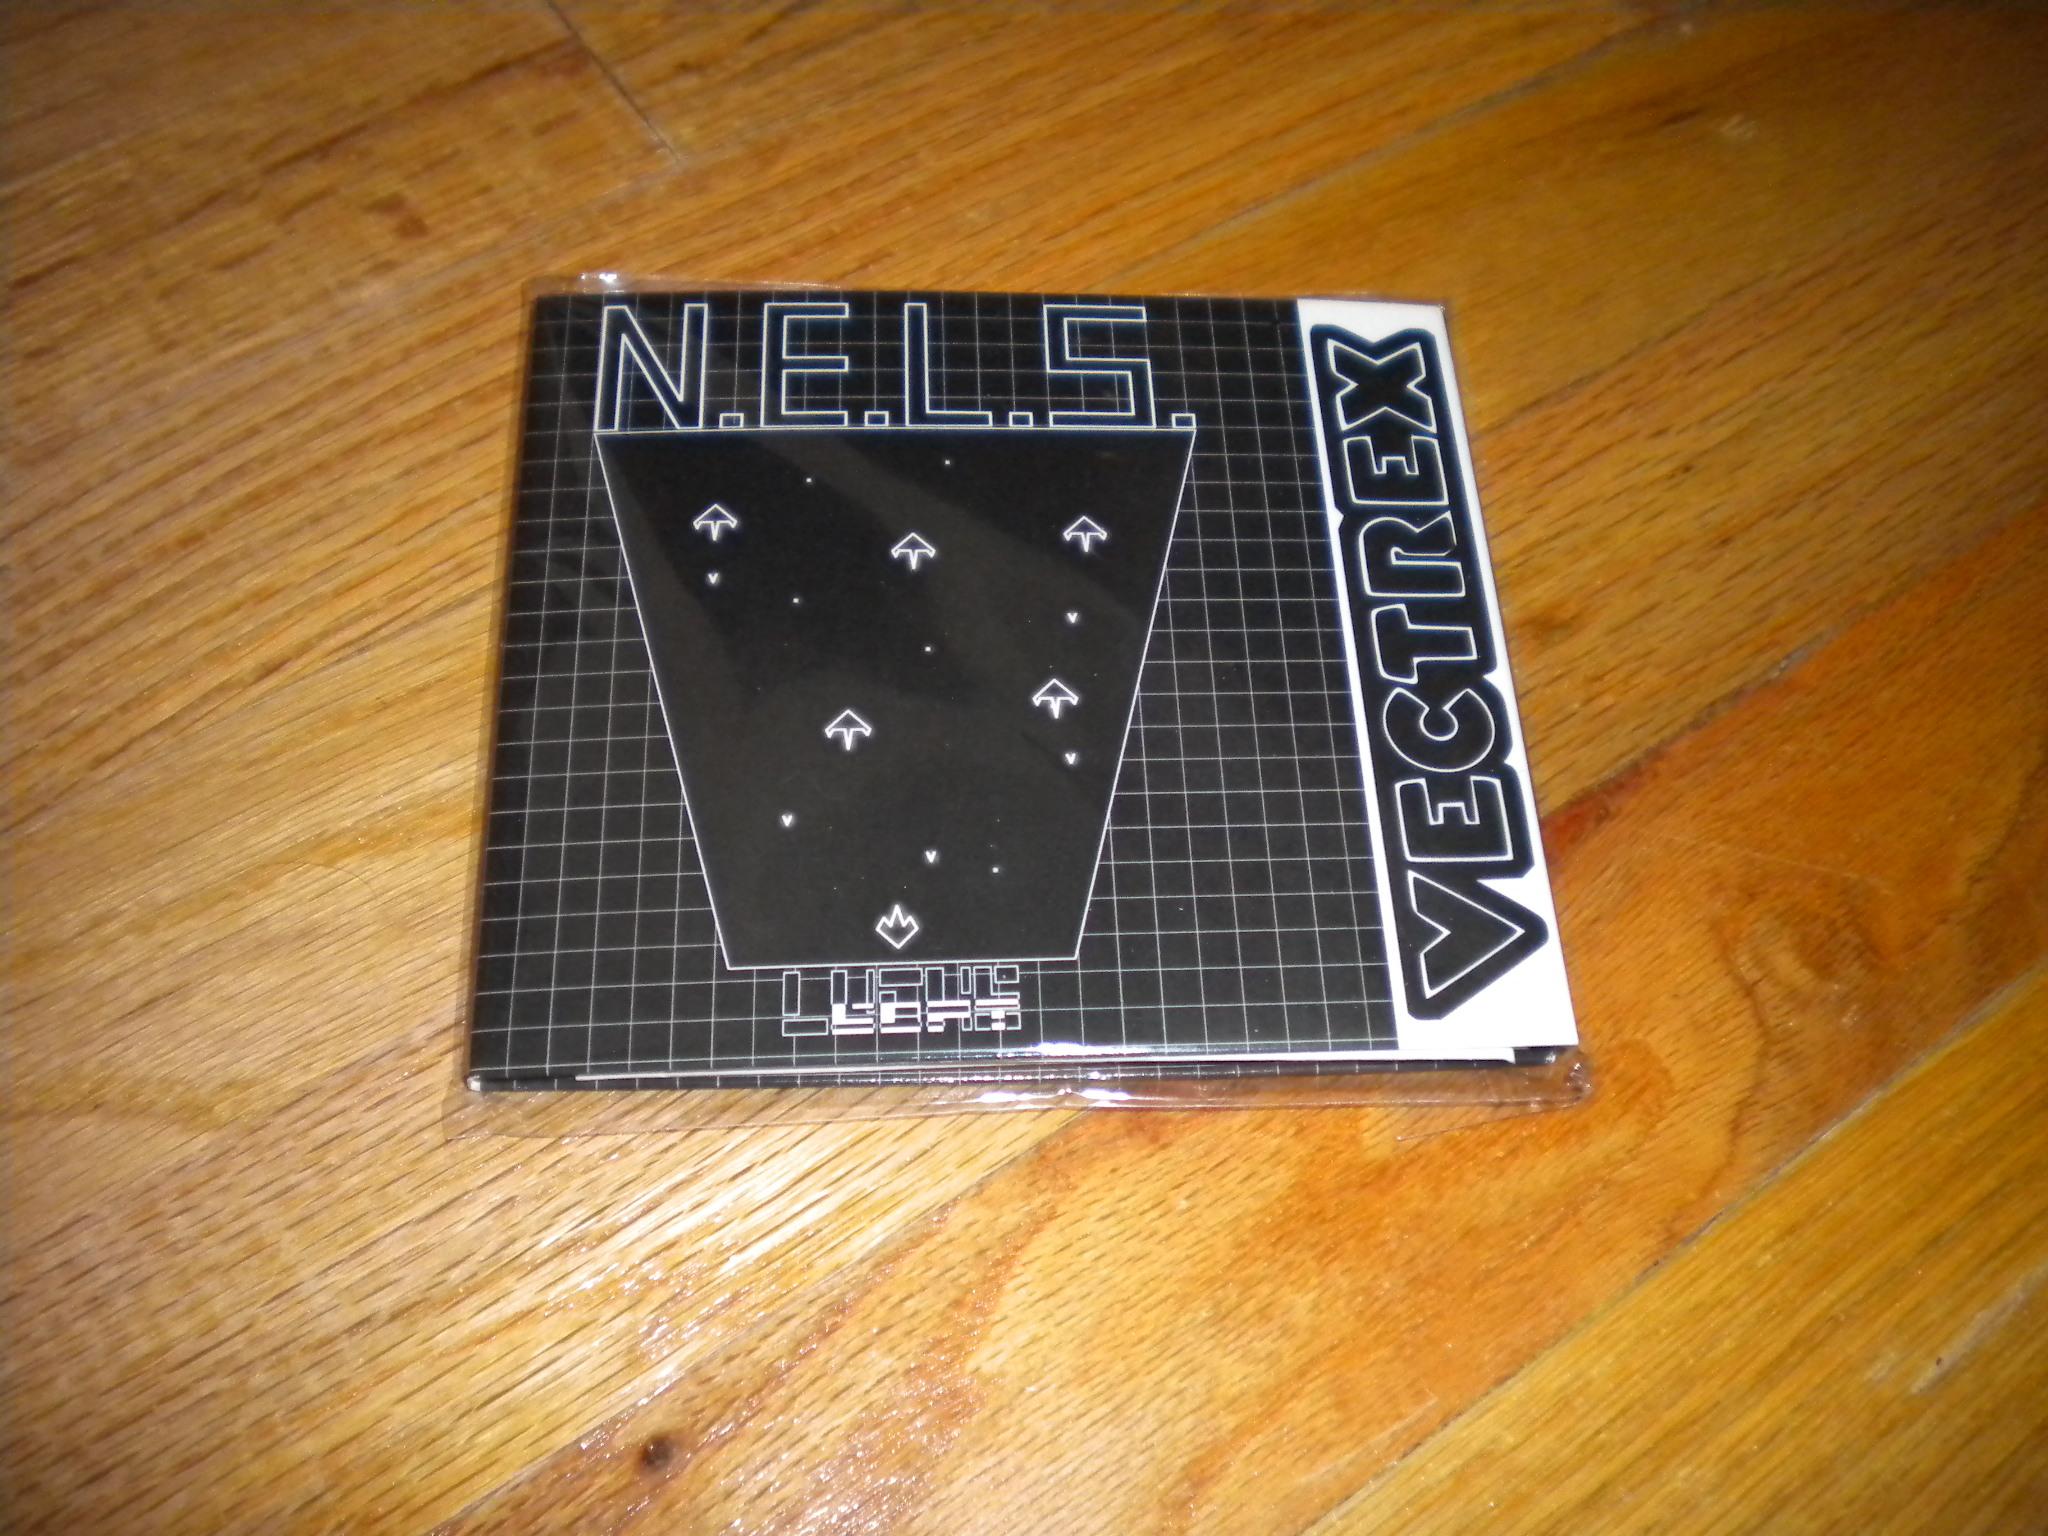 N.E.L.S.